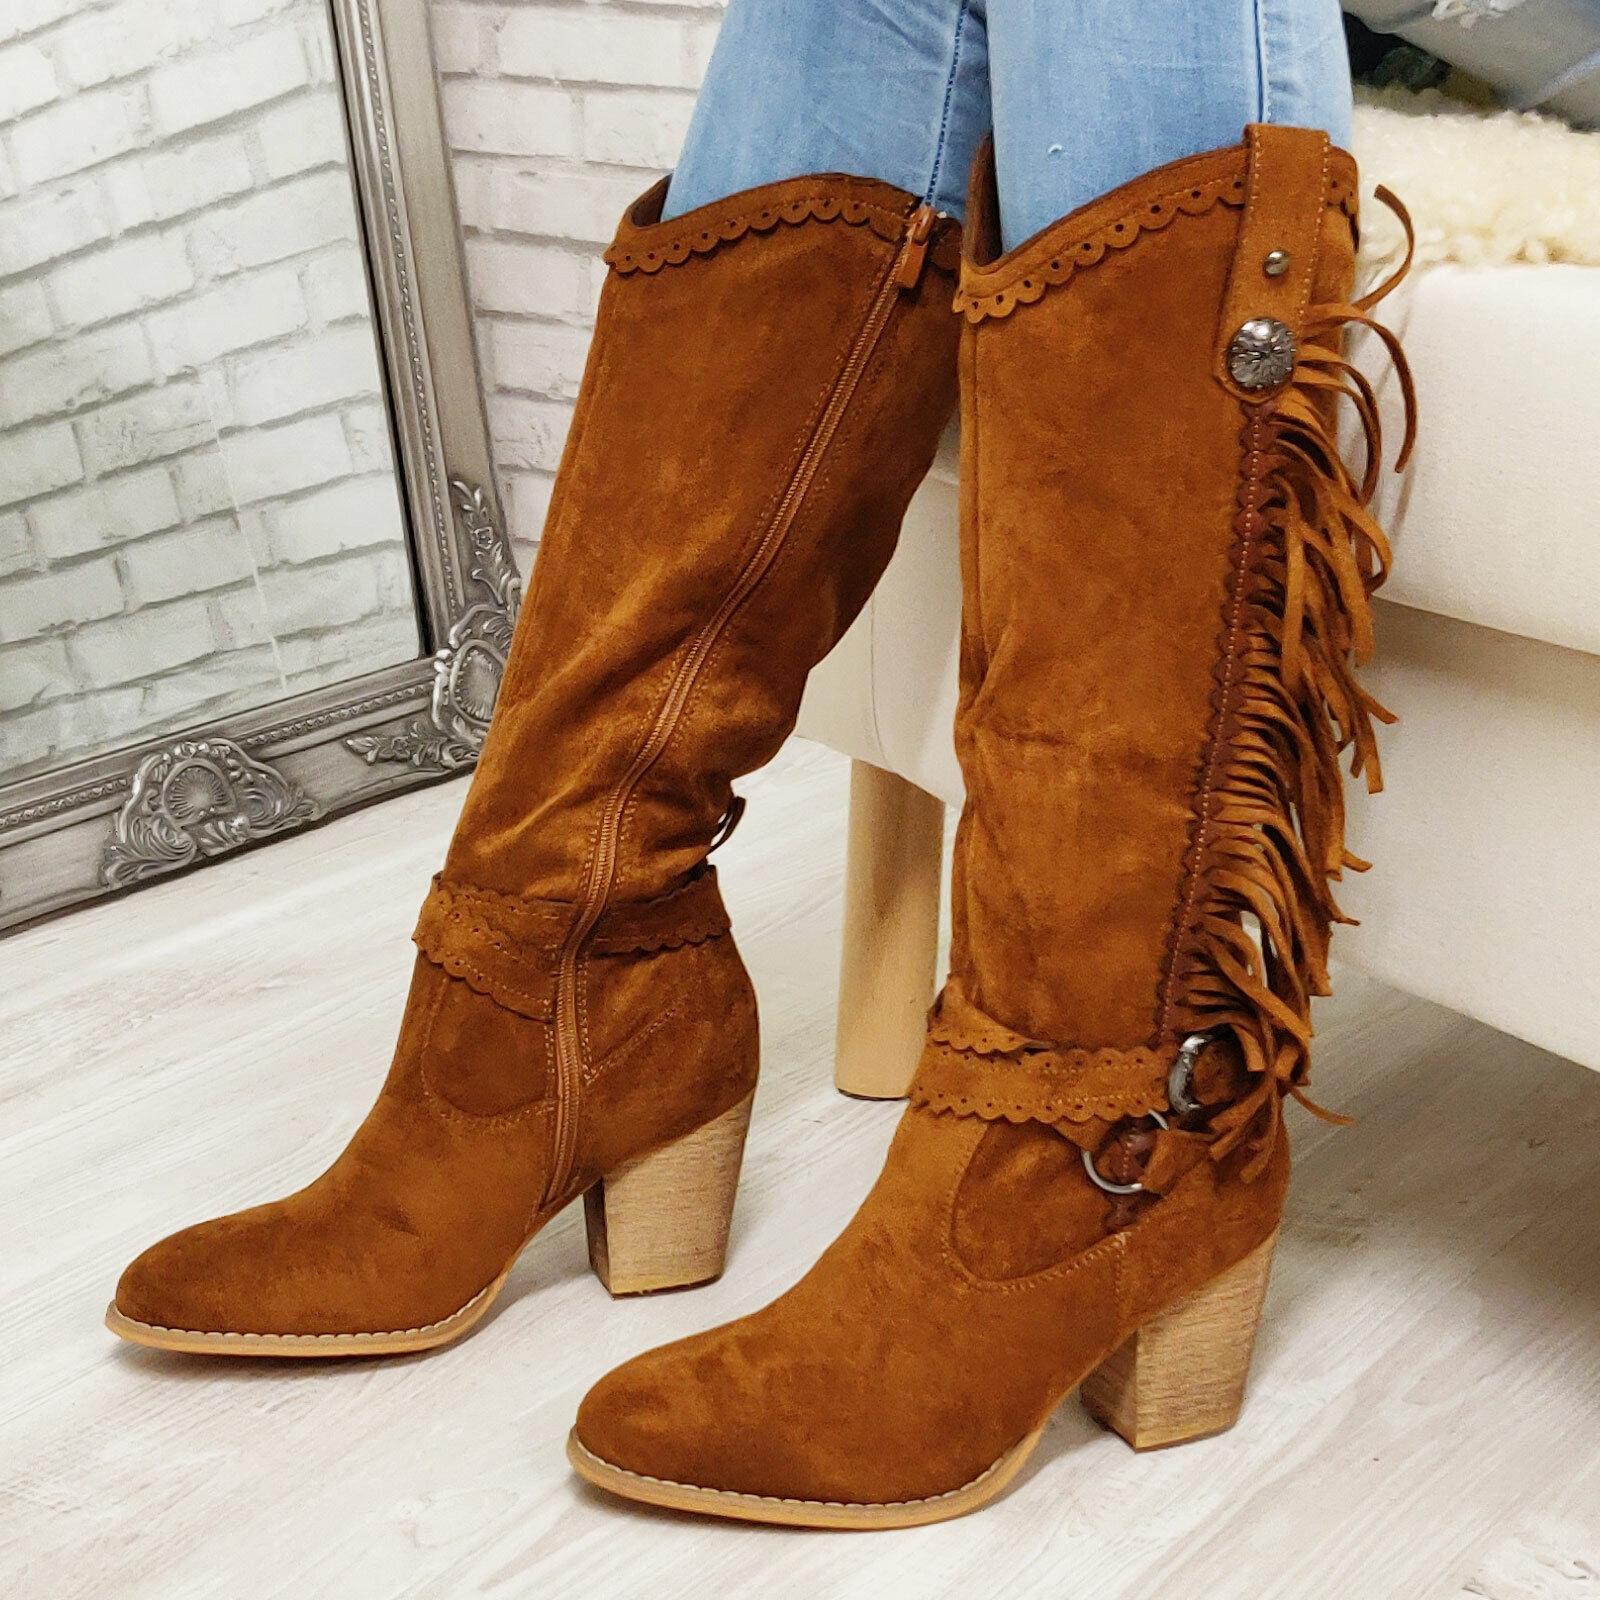 Détails sur Bottes Femme Santiags Western Cow Boy Franges Chaussures en Daim Casual Toocool